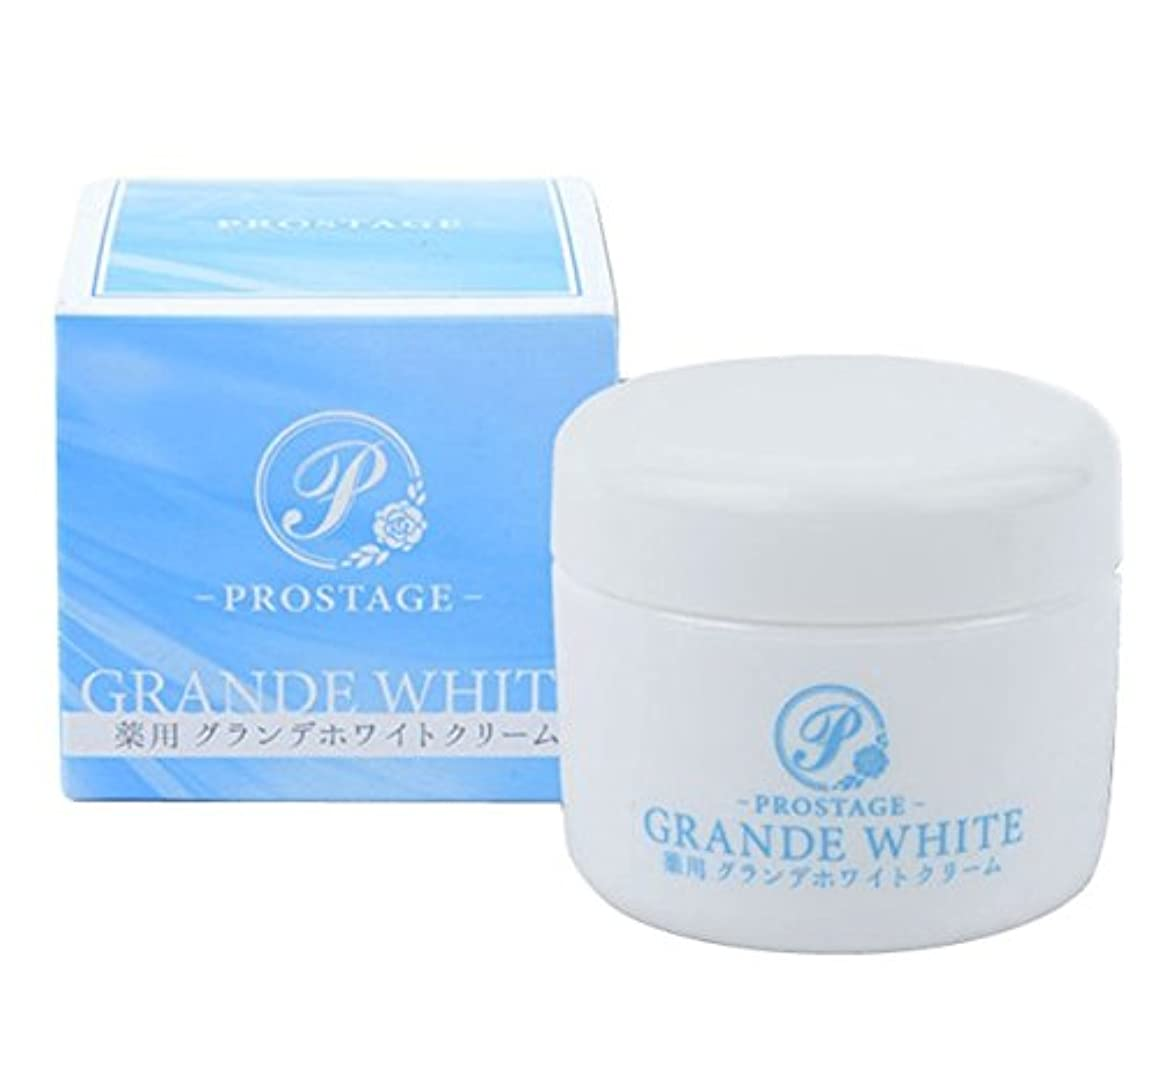 満たすモディッシュ縮約薬用グランデホワイトクリーム PROSTAGE ホワイトニングクリーム 大容量80g (2個)